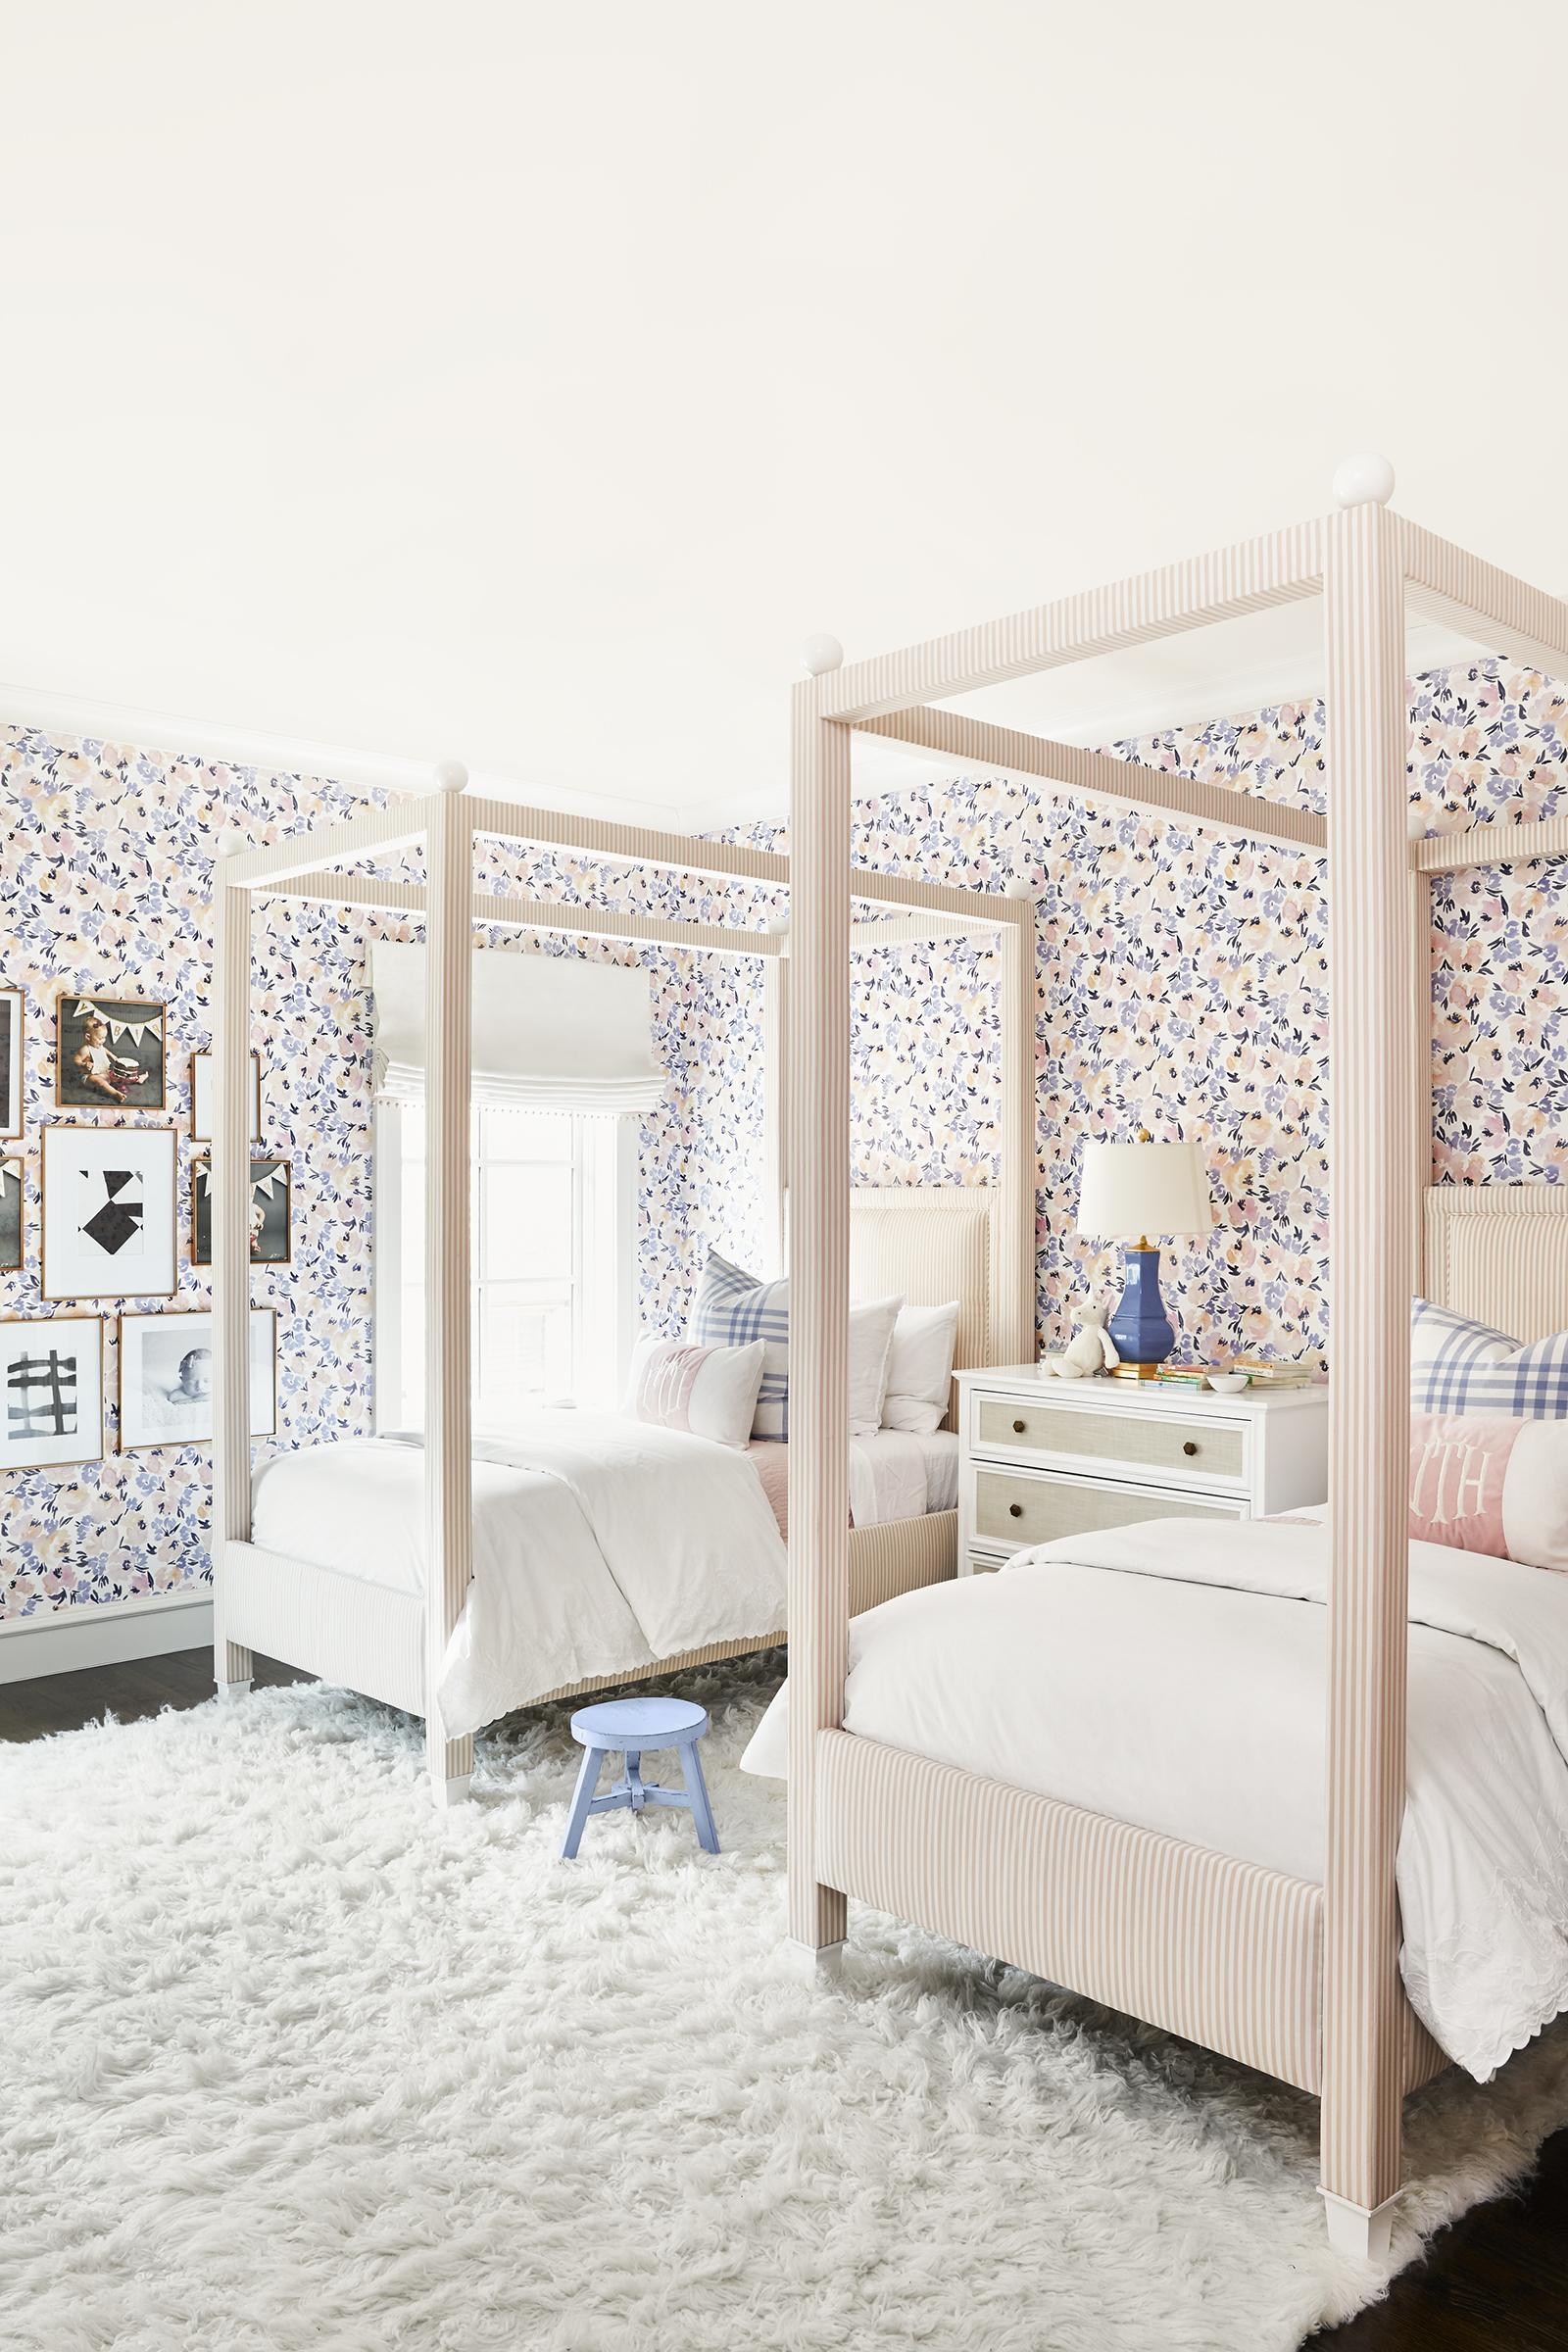 Beach Pretty House Style-Caitlin Wilson Designs 10.jpg